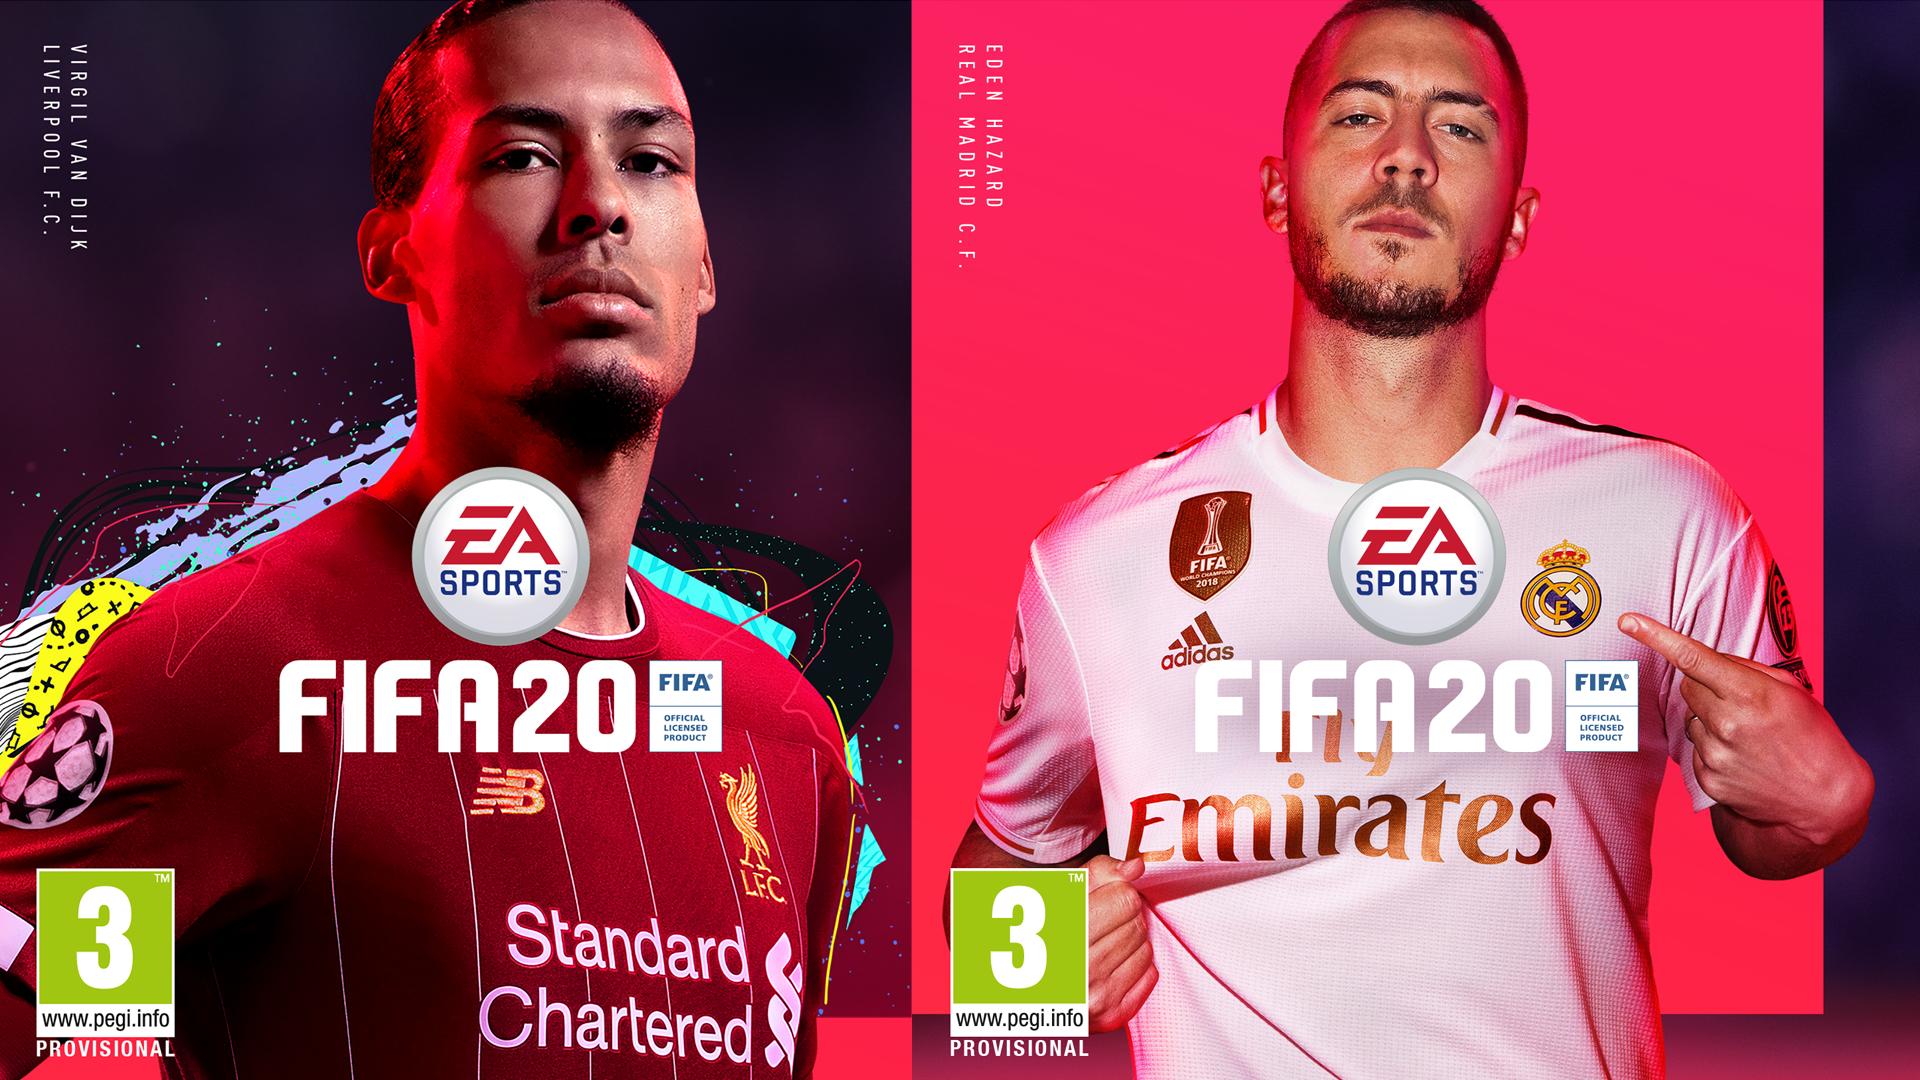 FIFA 20 Eden Hazard Virgil van Dijk